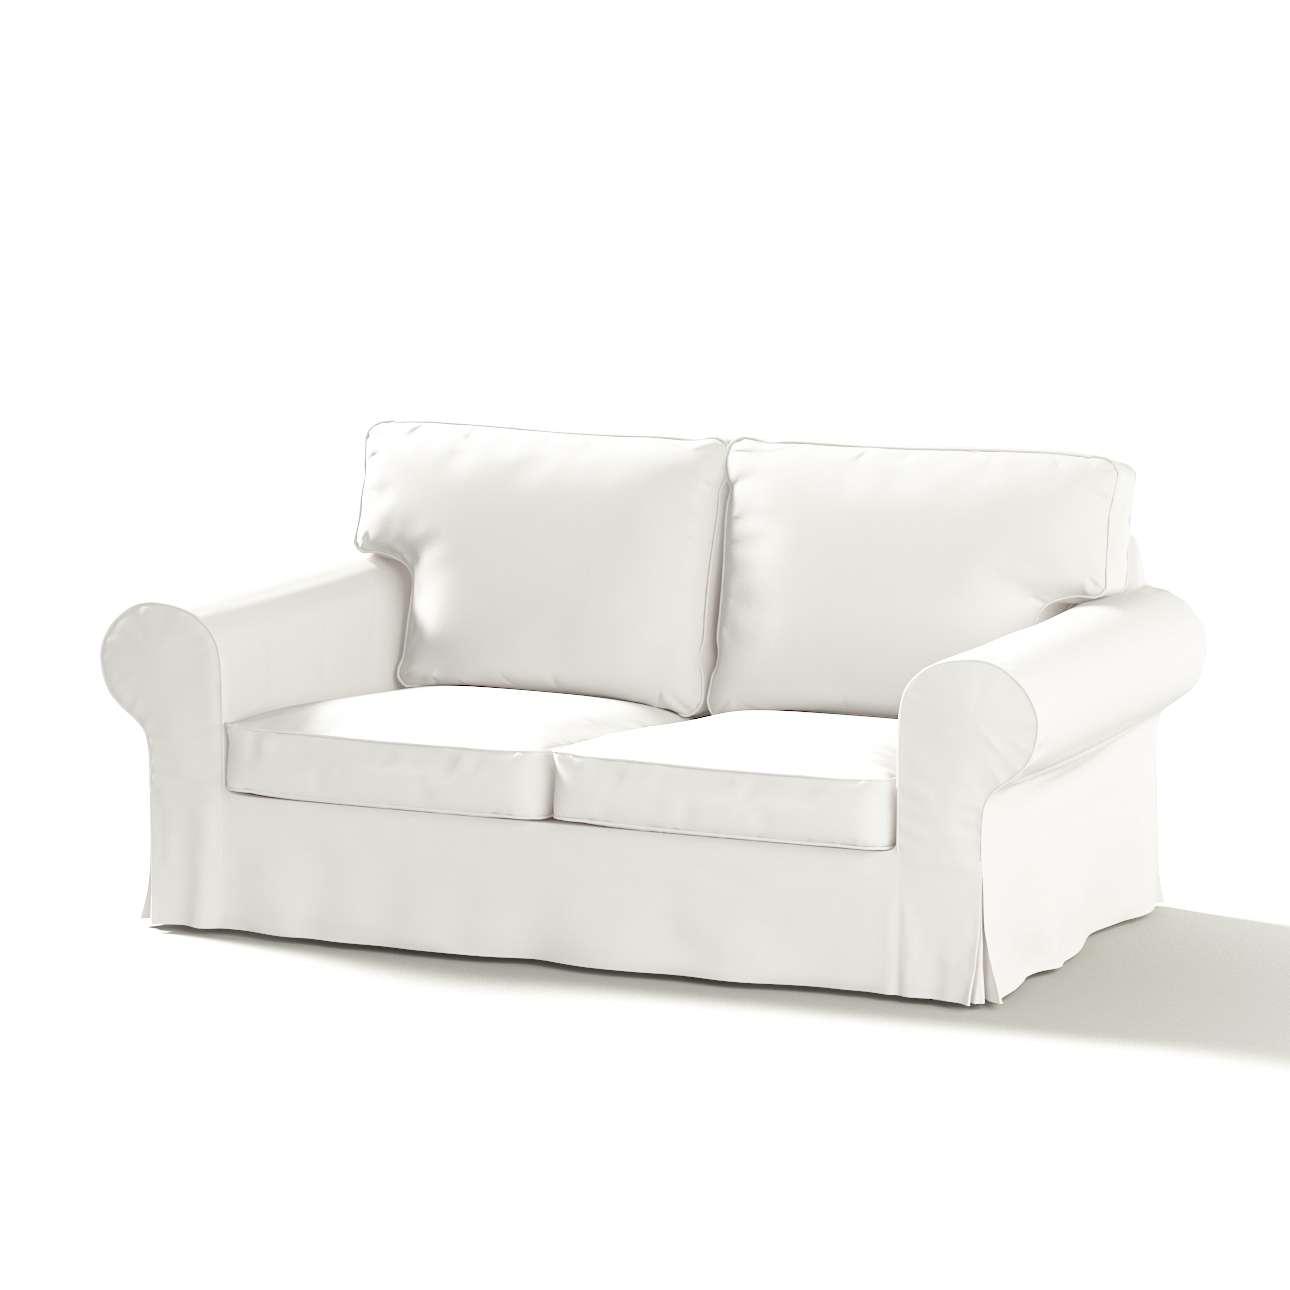 Ektorp dvivietės sofos užvalkalas Ektorp dvivietės sofos užvalkalas kolekcijoje Cotton Panama, audinys: 702-34